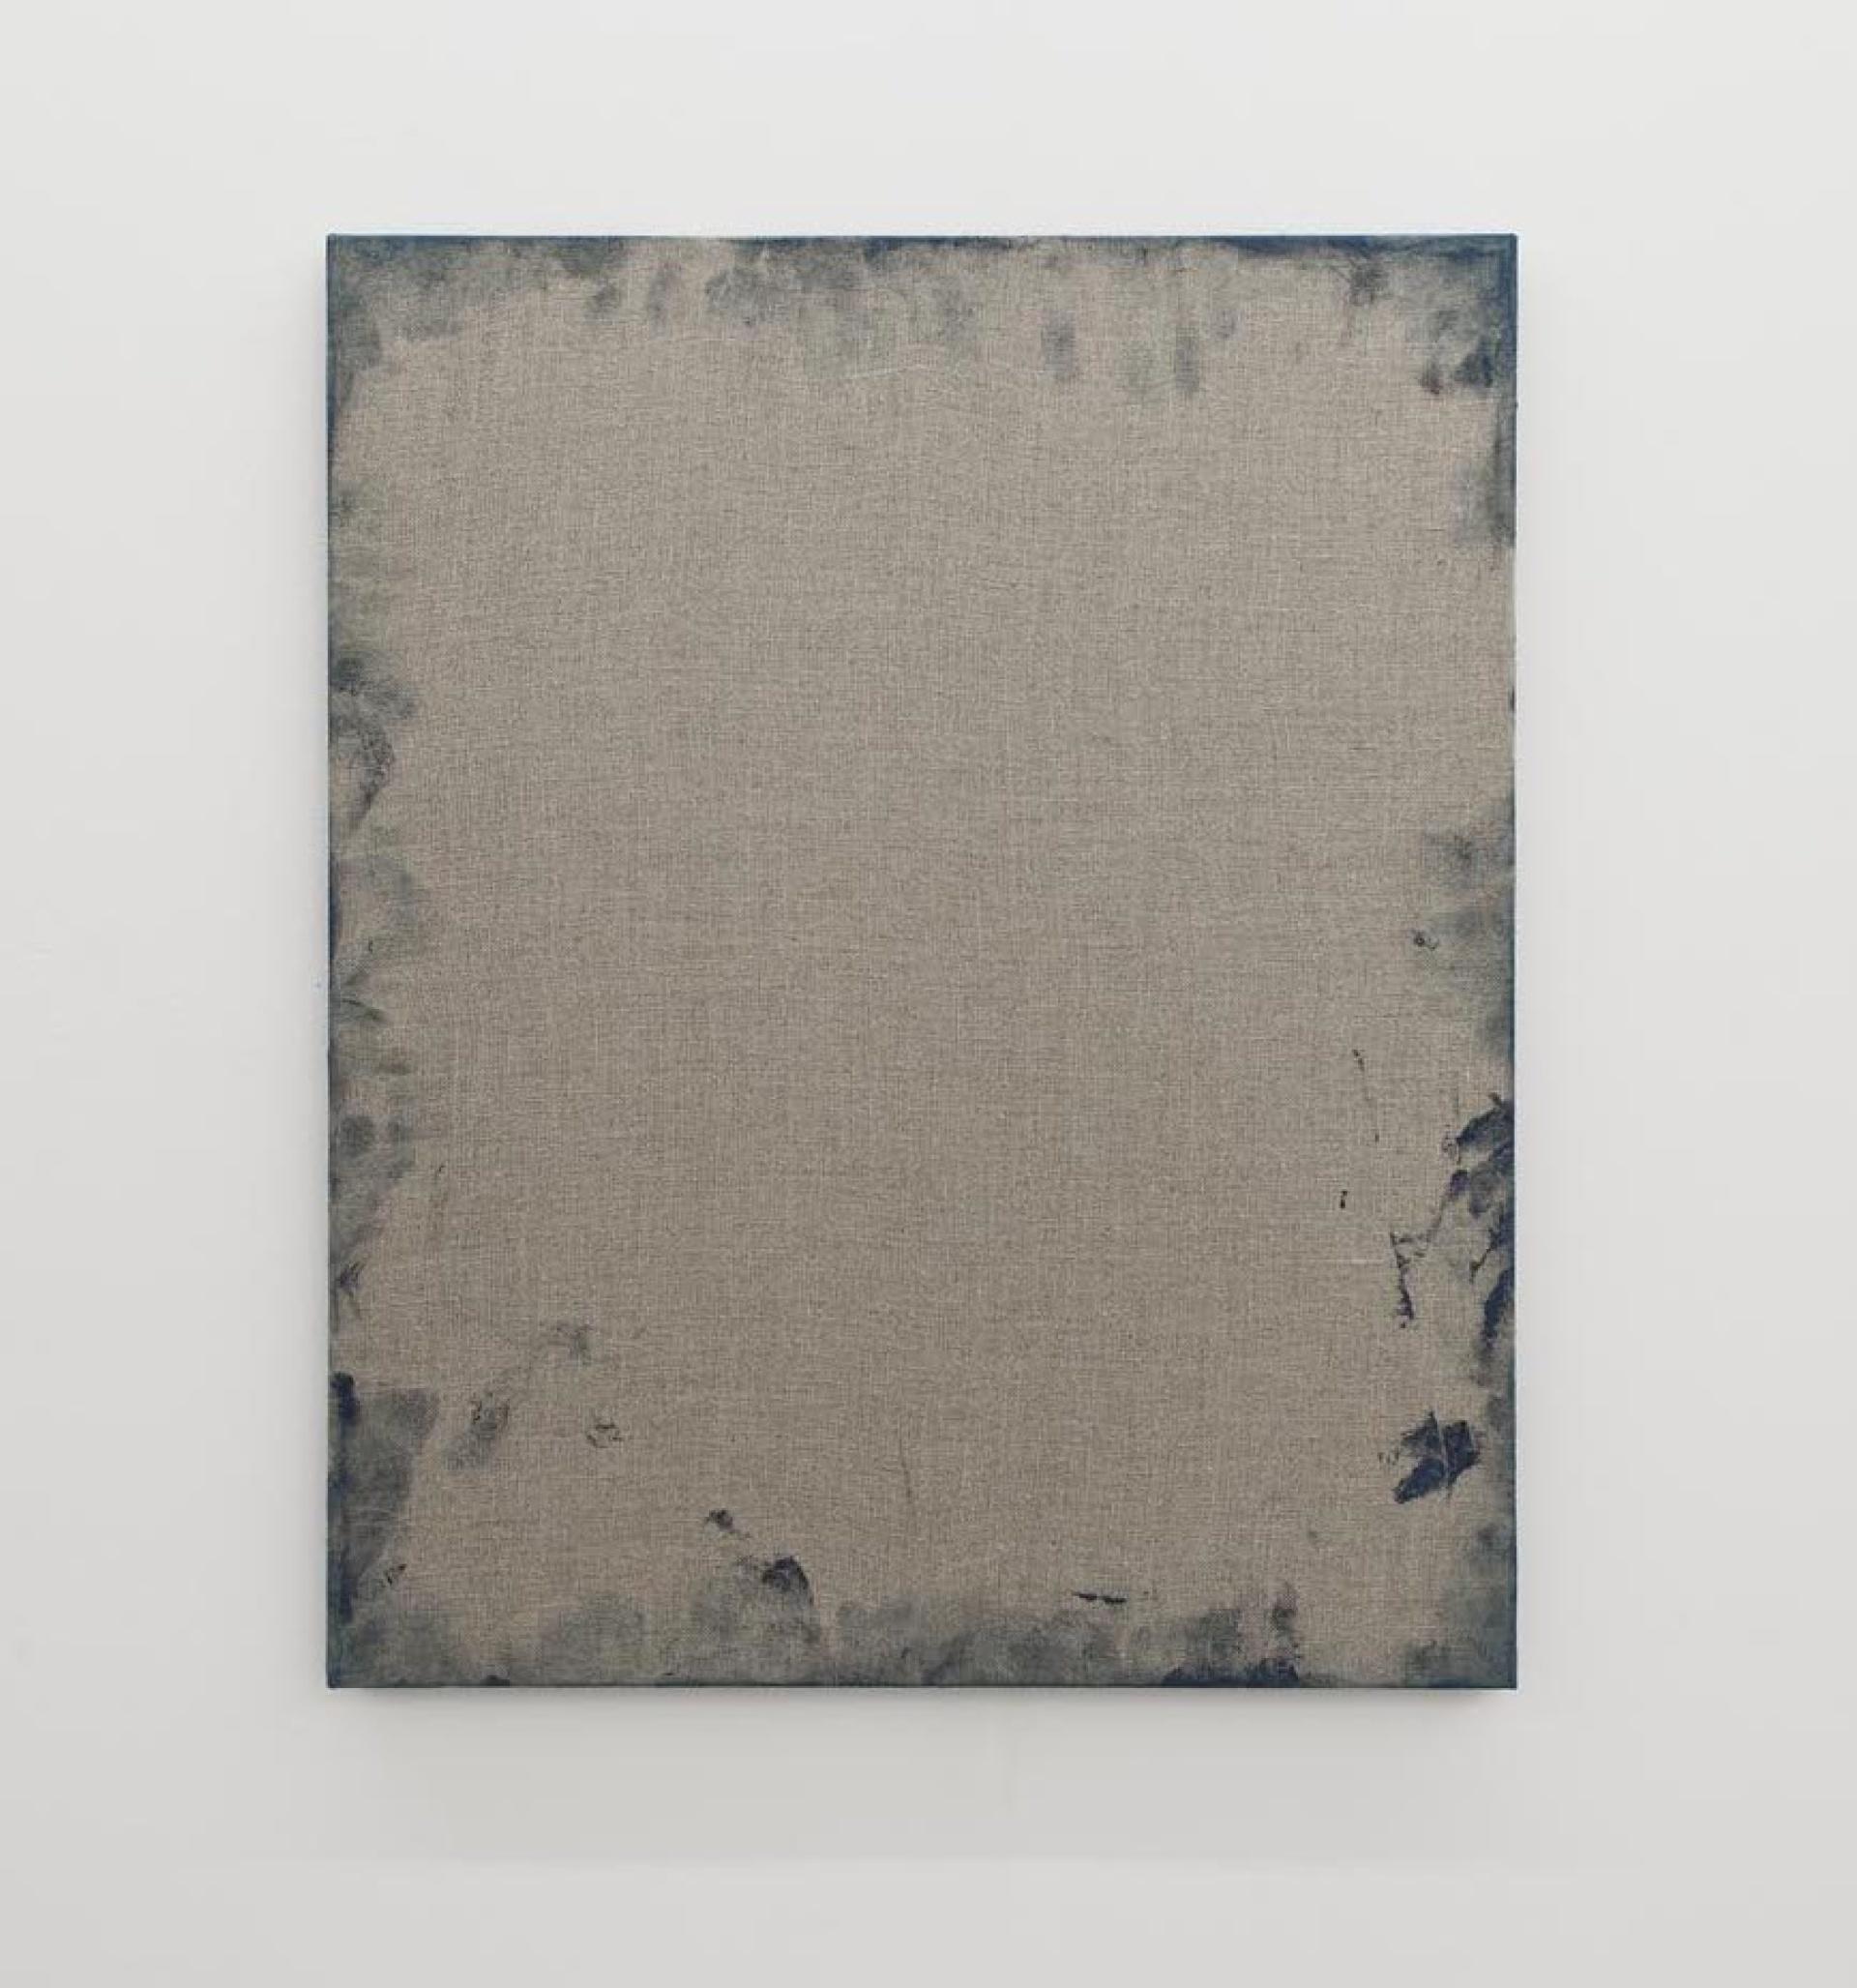 S/T. Óleo s/lino. 73x60 cm. 2019